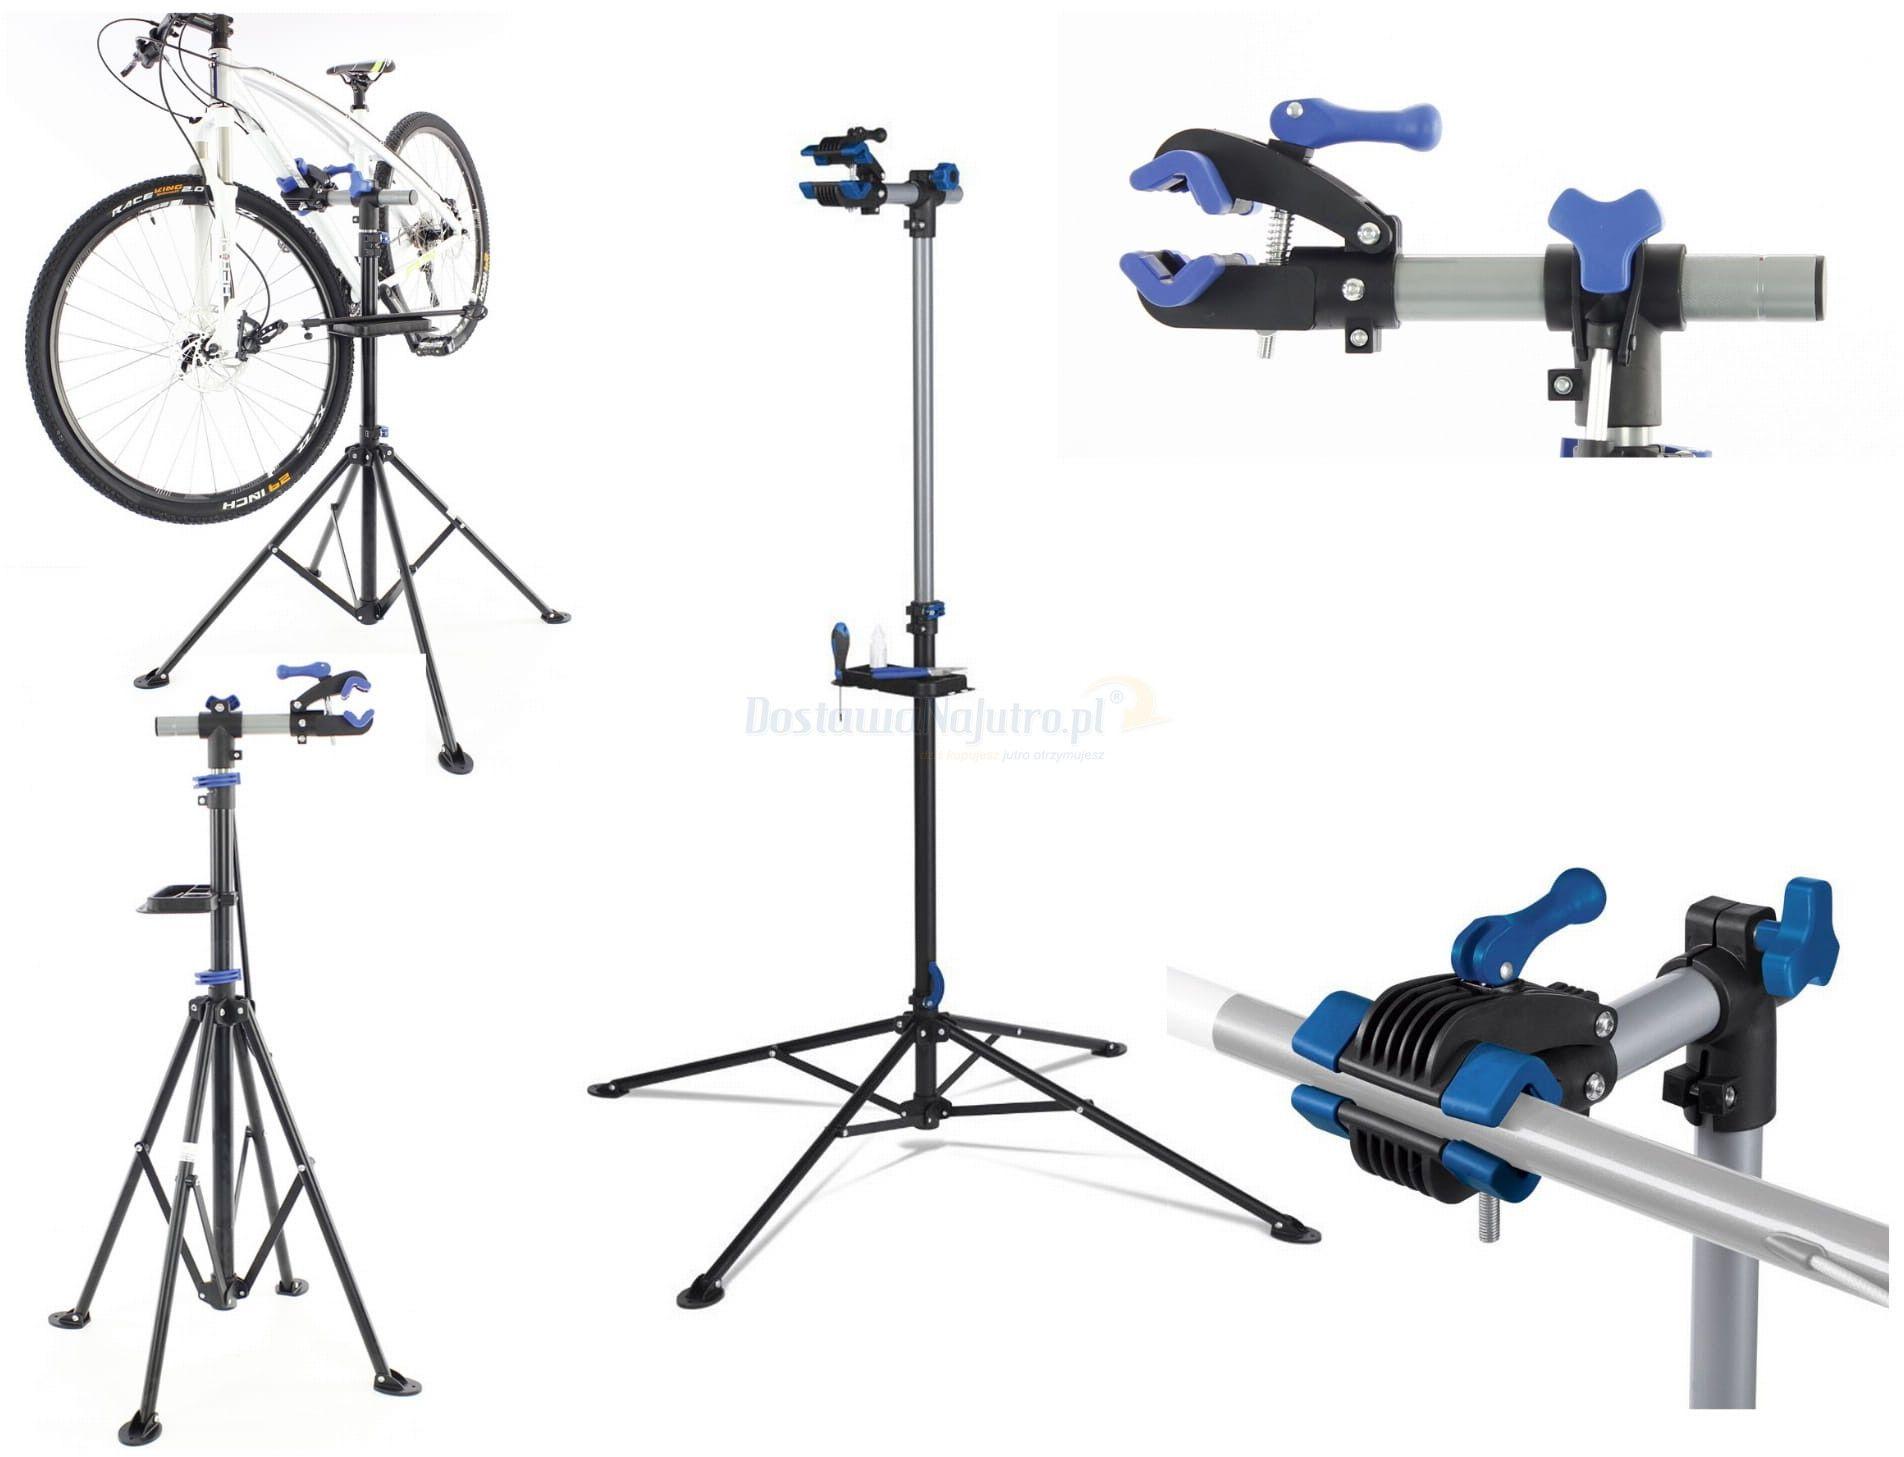 Serwisowy stojak rowerowy - mocny do 30 kg składany